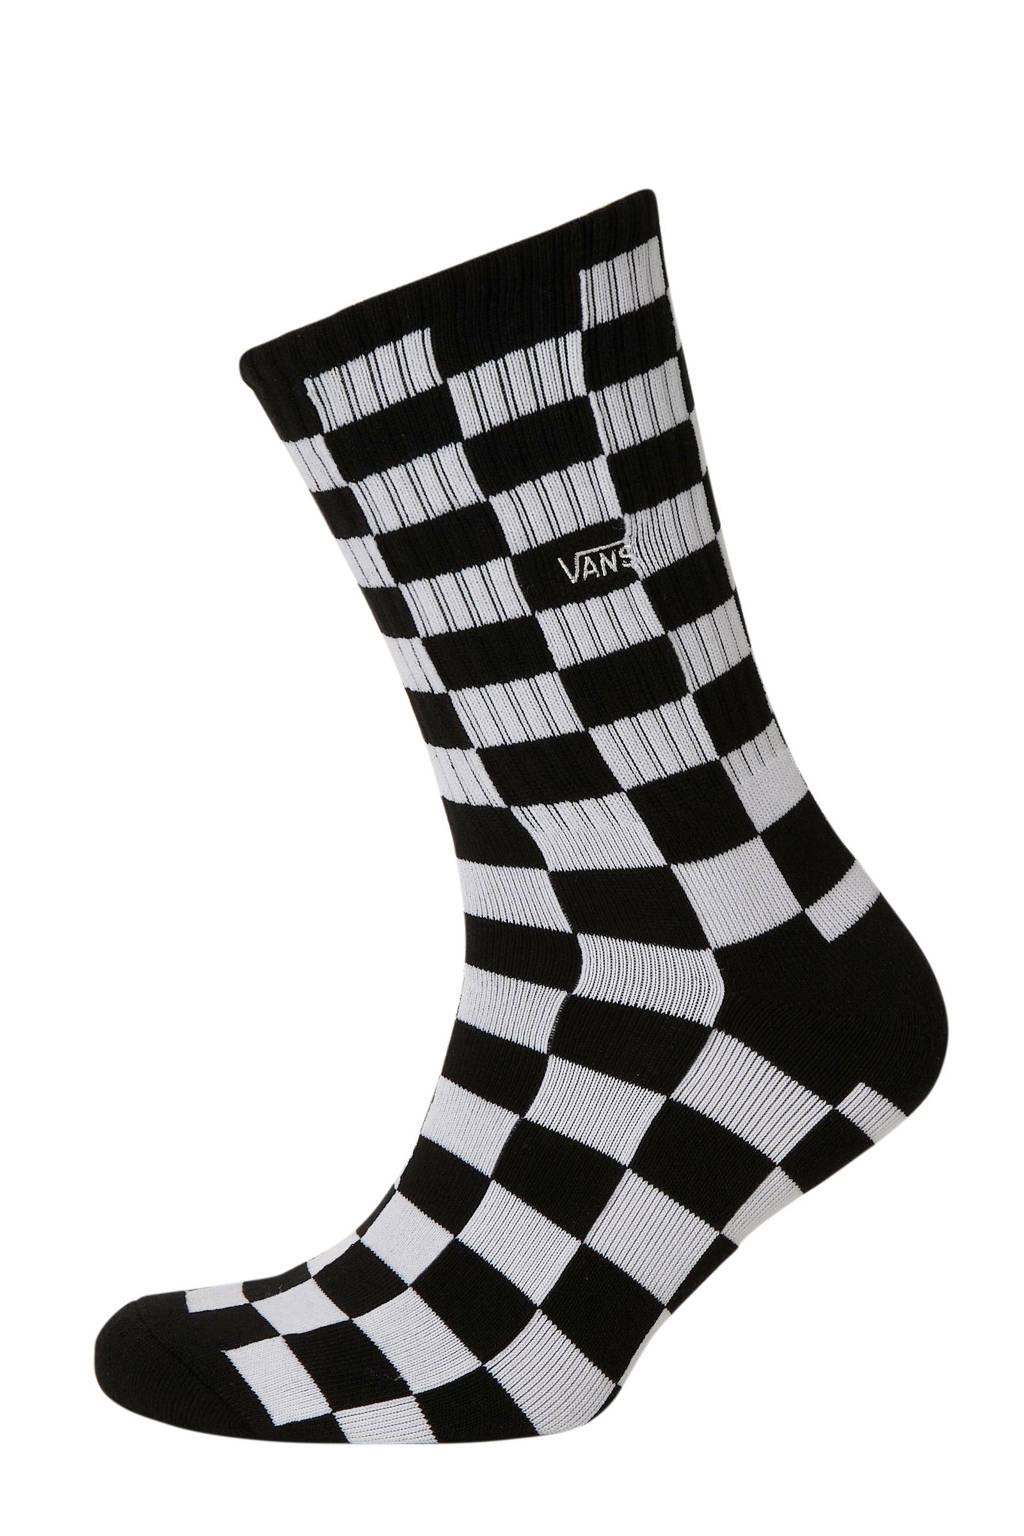 VANS   sportsokken zwart/wit (maat 38,5 - 42), Zwart/wit